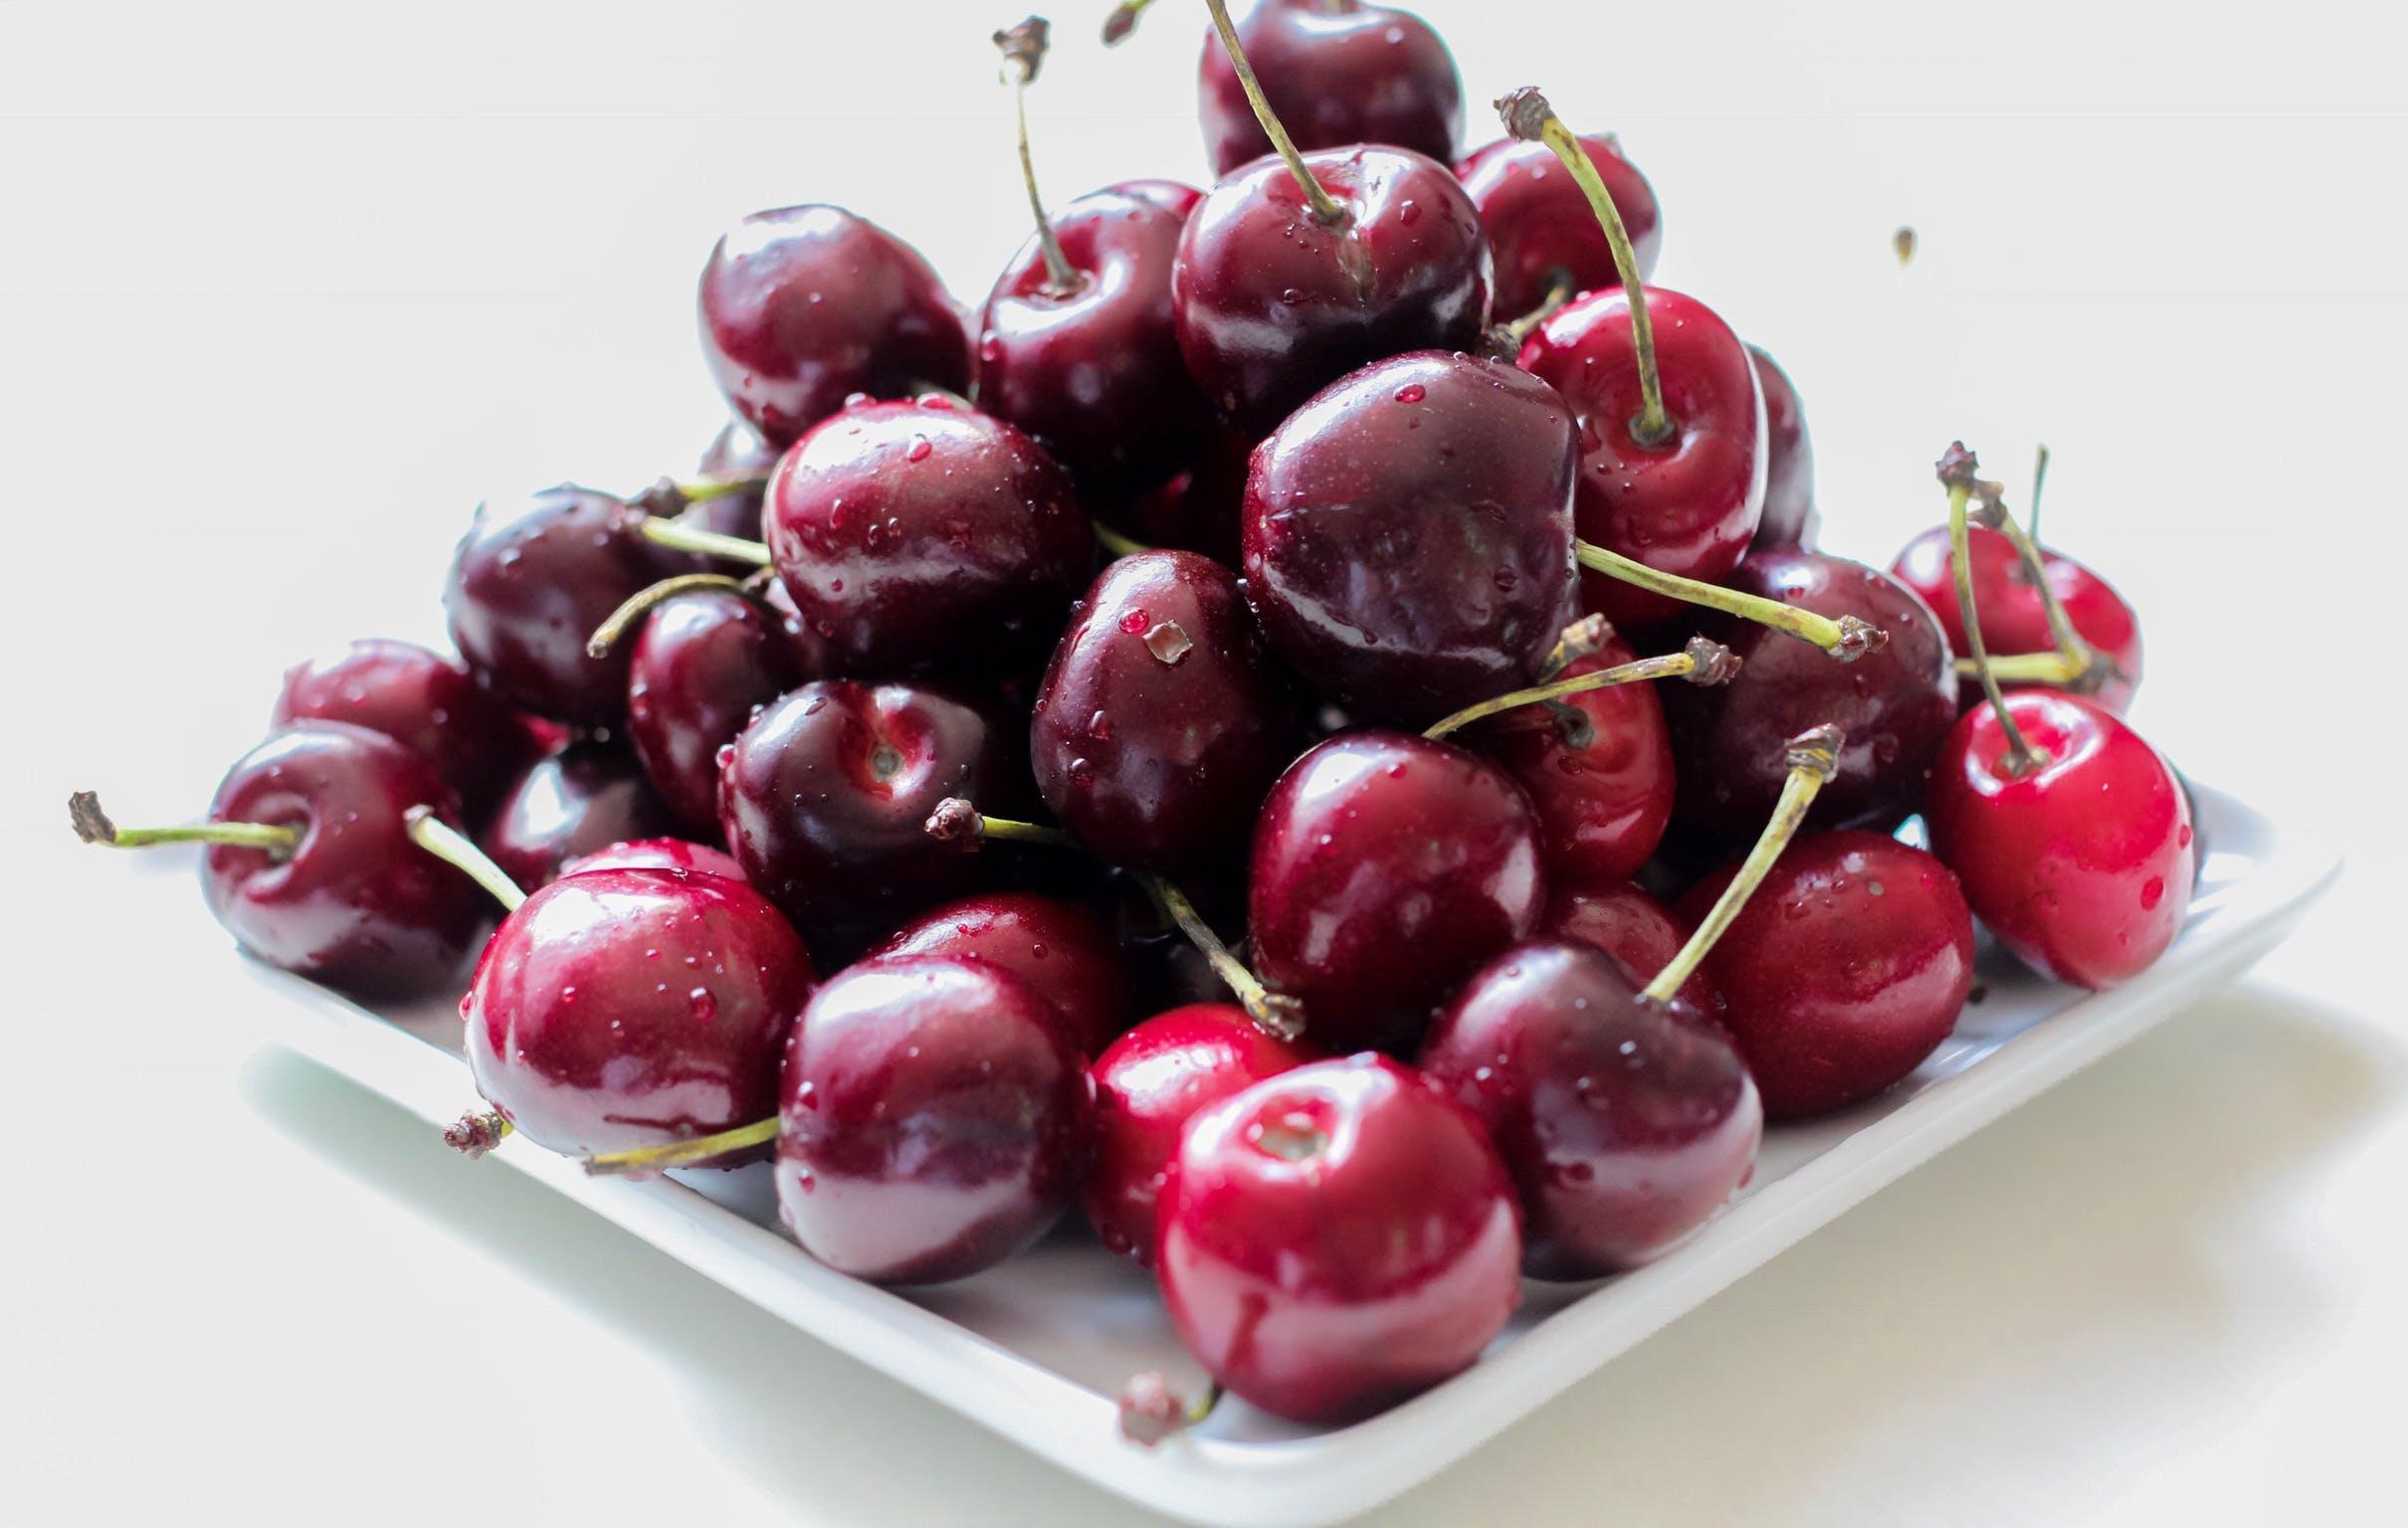 Cherries in White Ceramic Plate